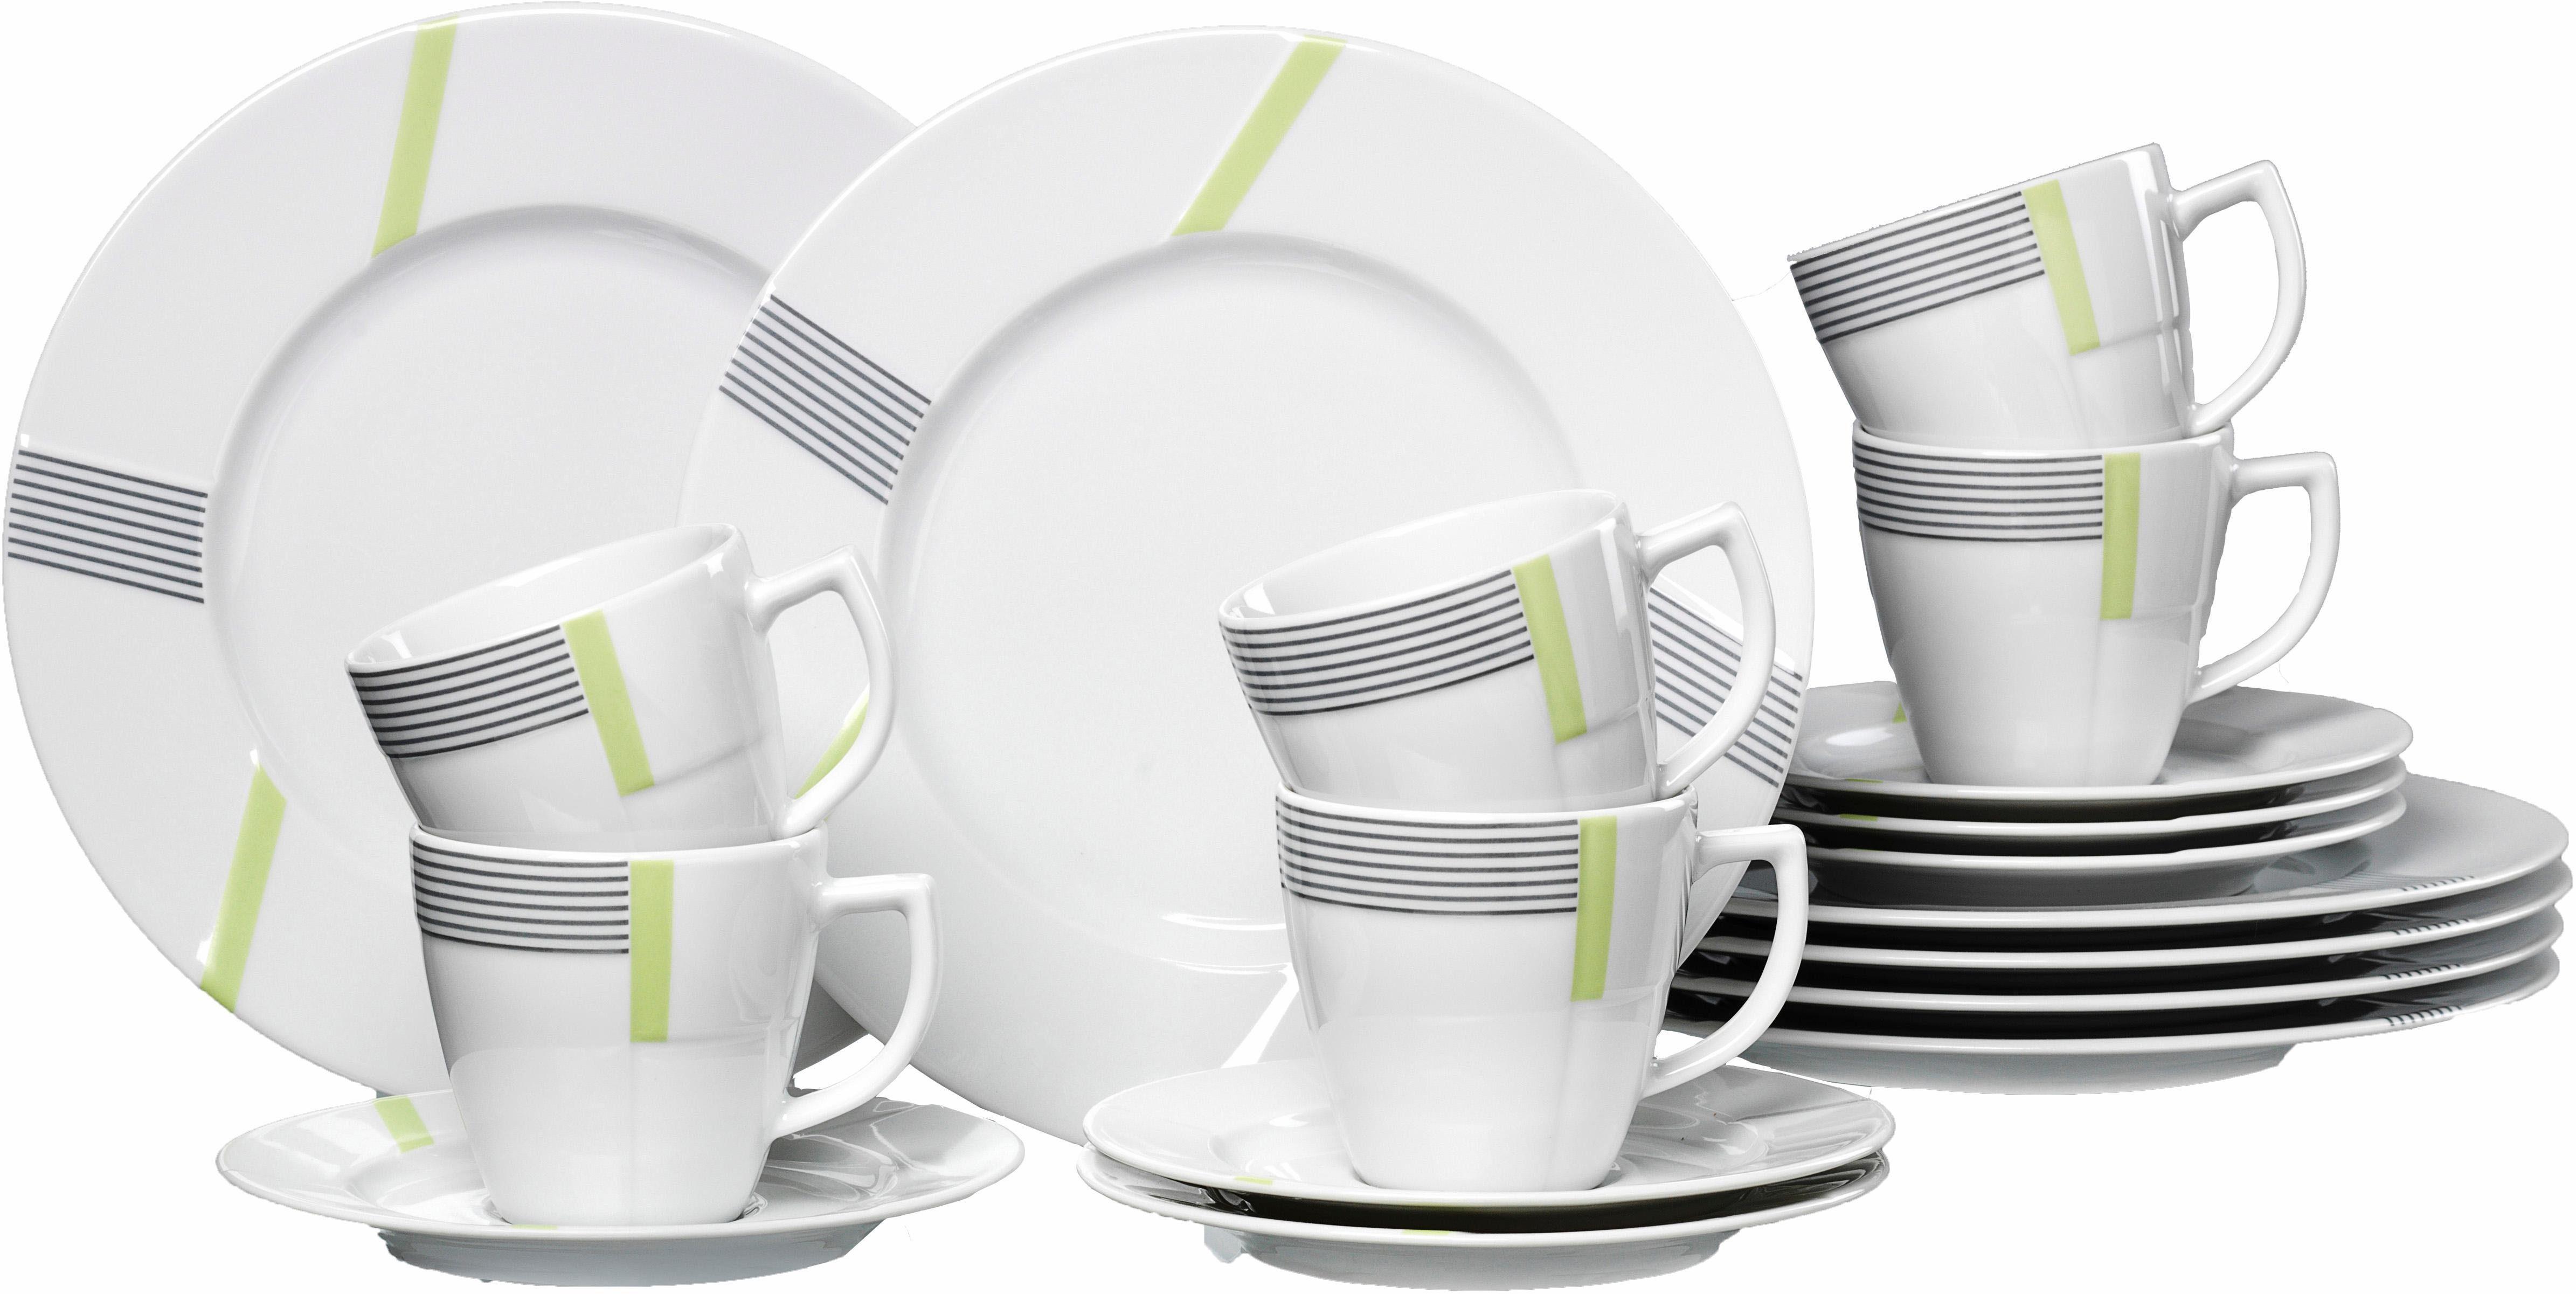 Ritzenhoff & Breker Kaffeeservice »VERTIGO« (18-tlg), Porzellan, Spülmaschinengeeignet